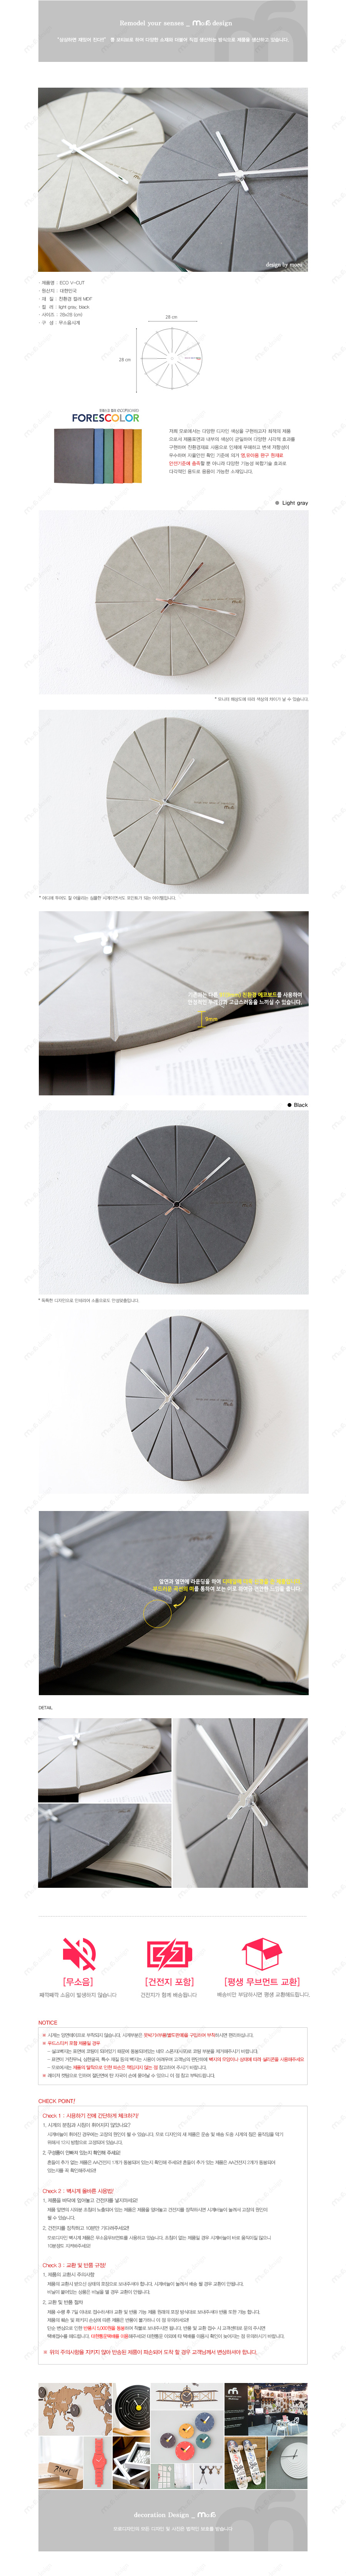 ECO V_CUT 무소음 벽시계 - 모로, 26,600원, 벽시계, 디자인벽시계